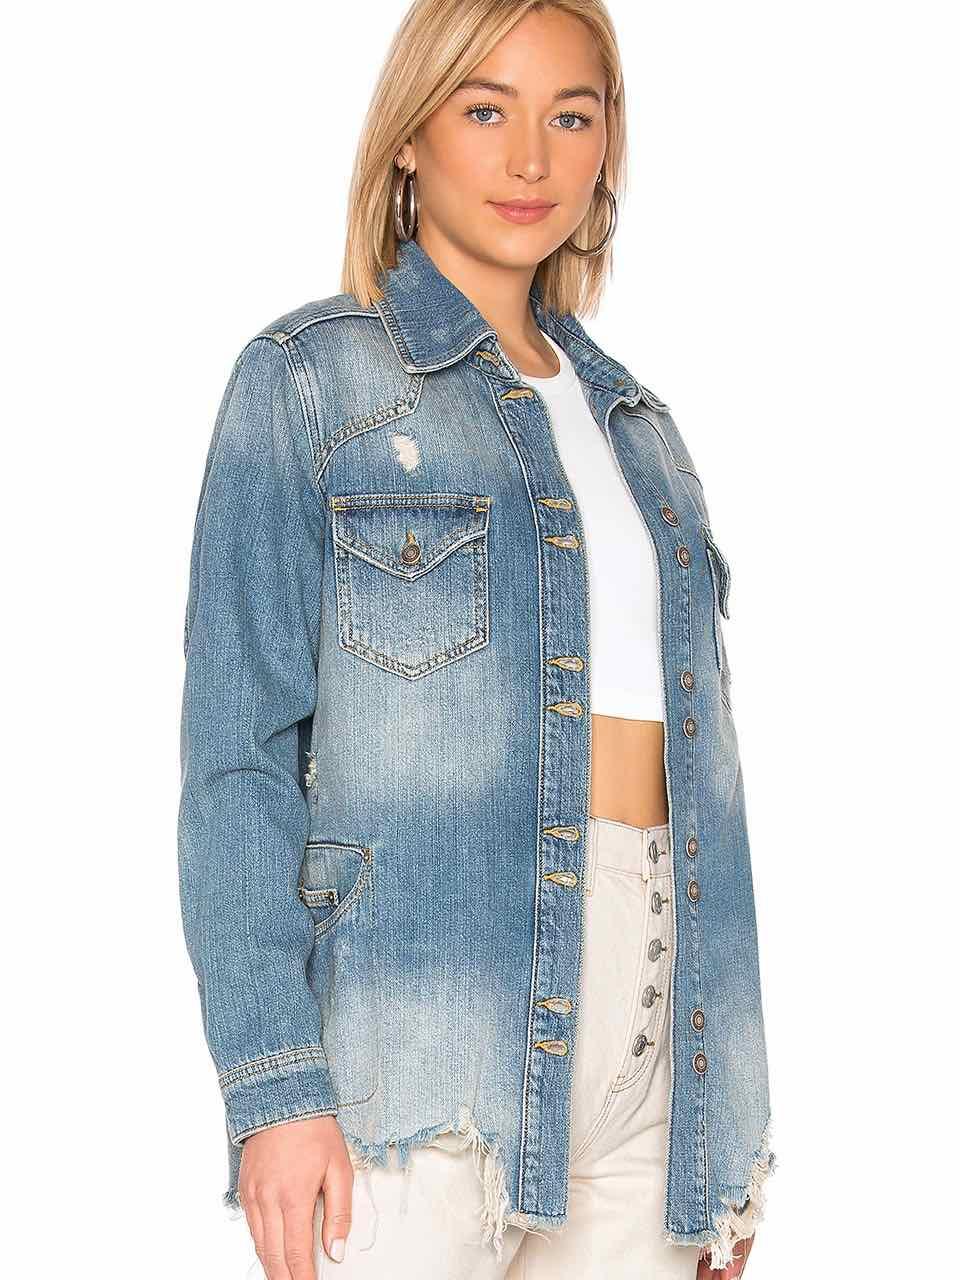 Free People Moonchild Shirt Denim Jacket Ob944122 Canada